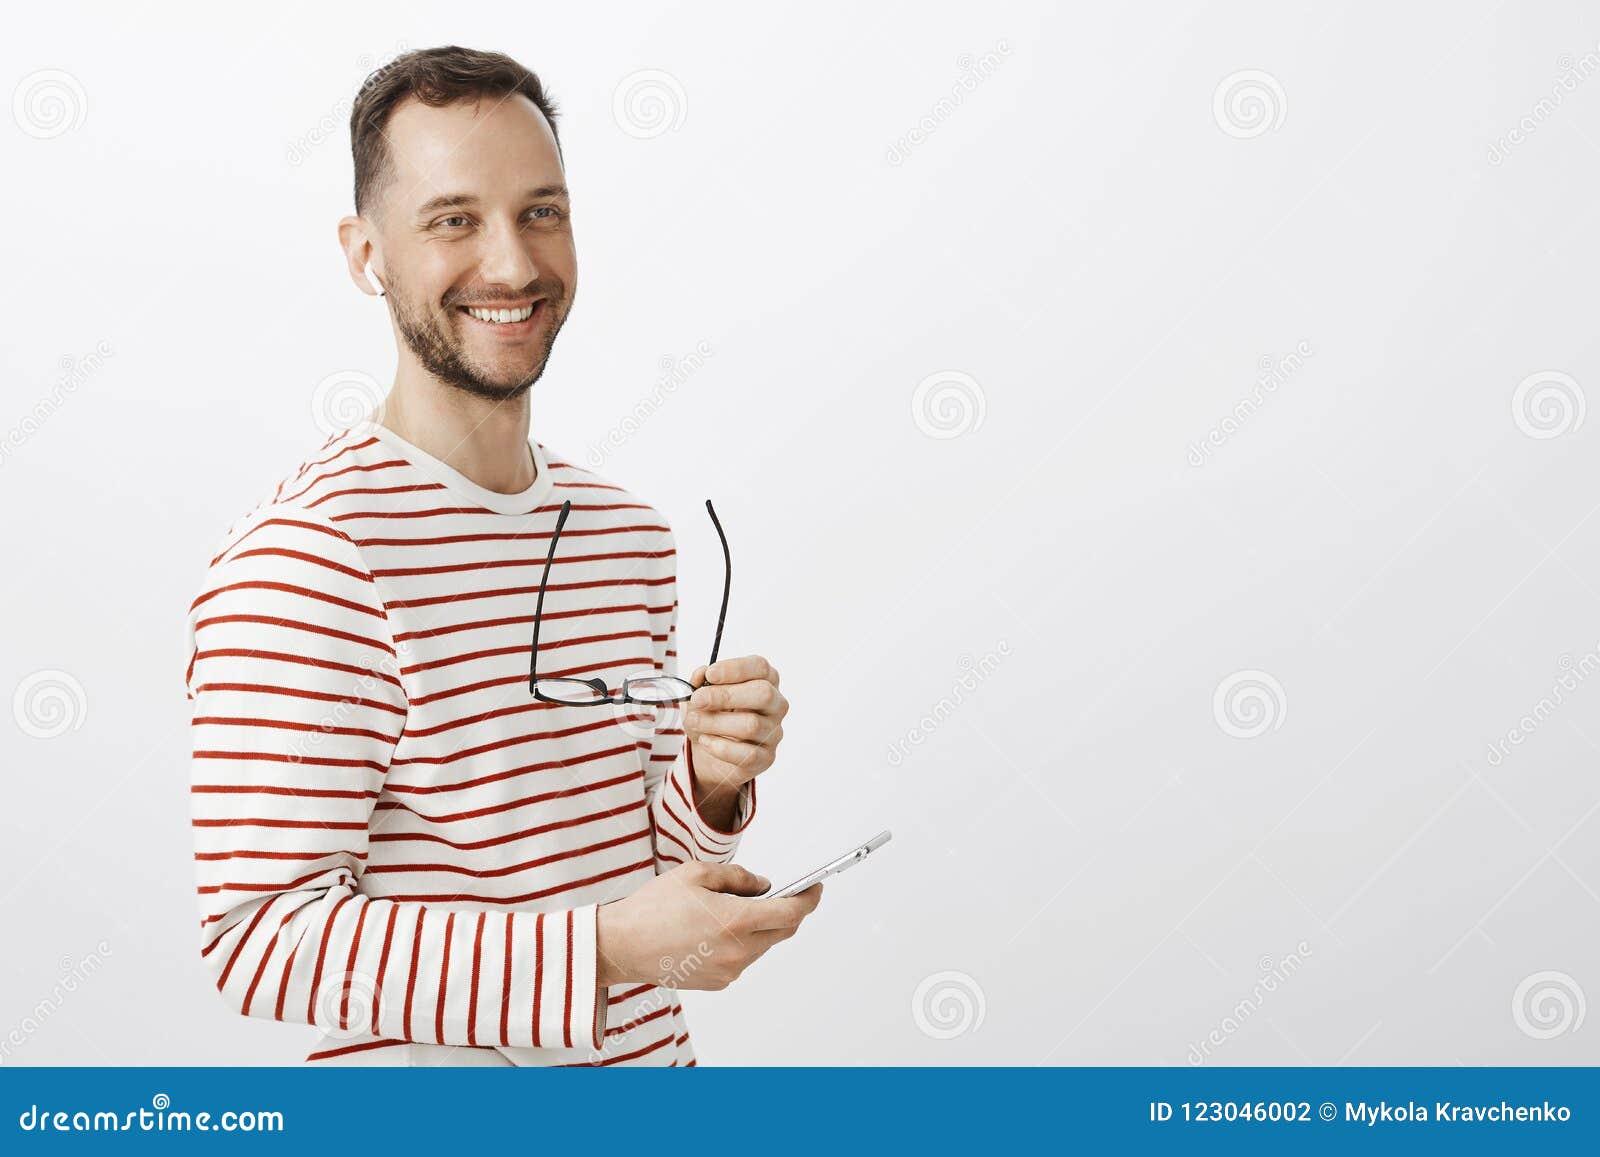 Pozytywny pomyślny męski biznesmen, brać daleko szkła, patrzeć na boku i ono uśmiecha się życzliwego, podnoszący muzykę słuchać w